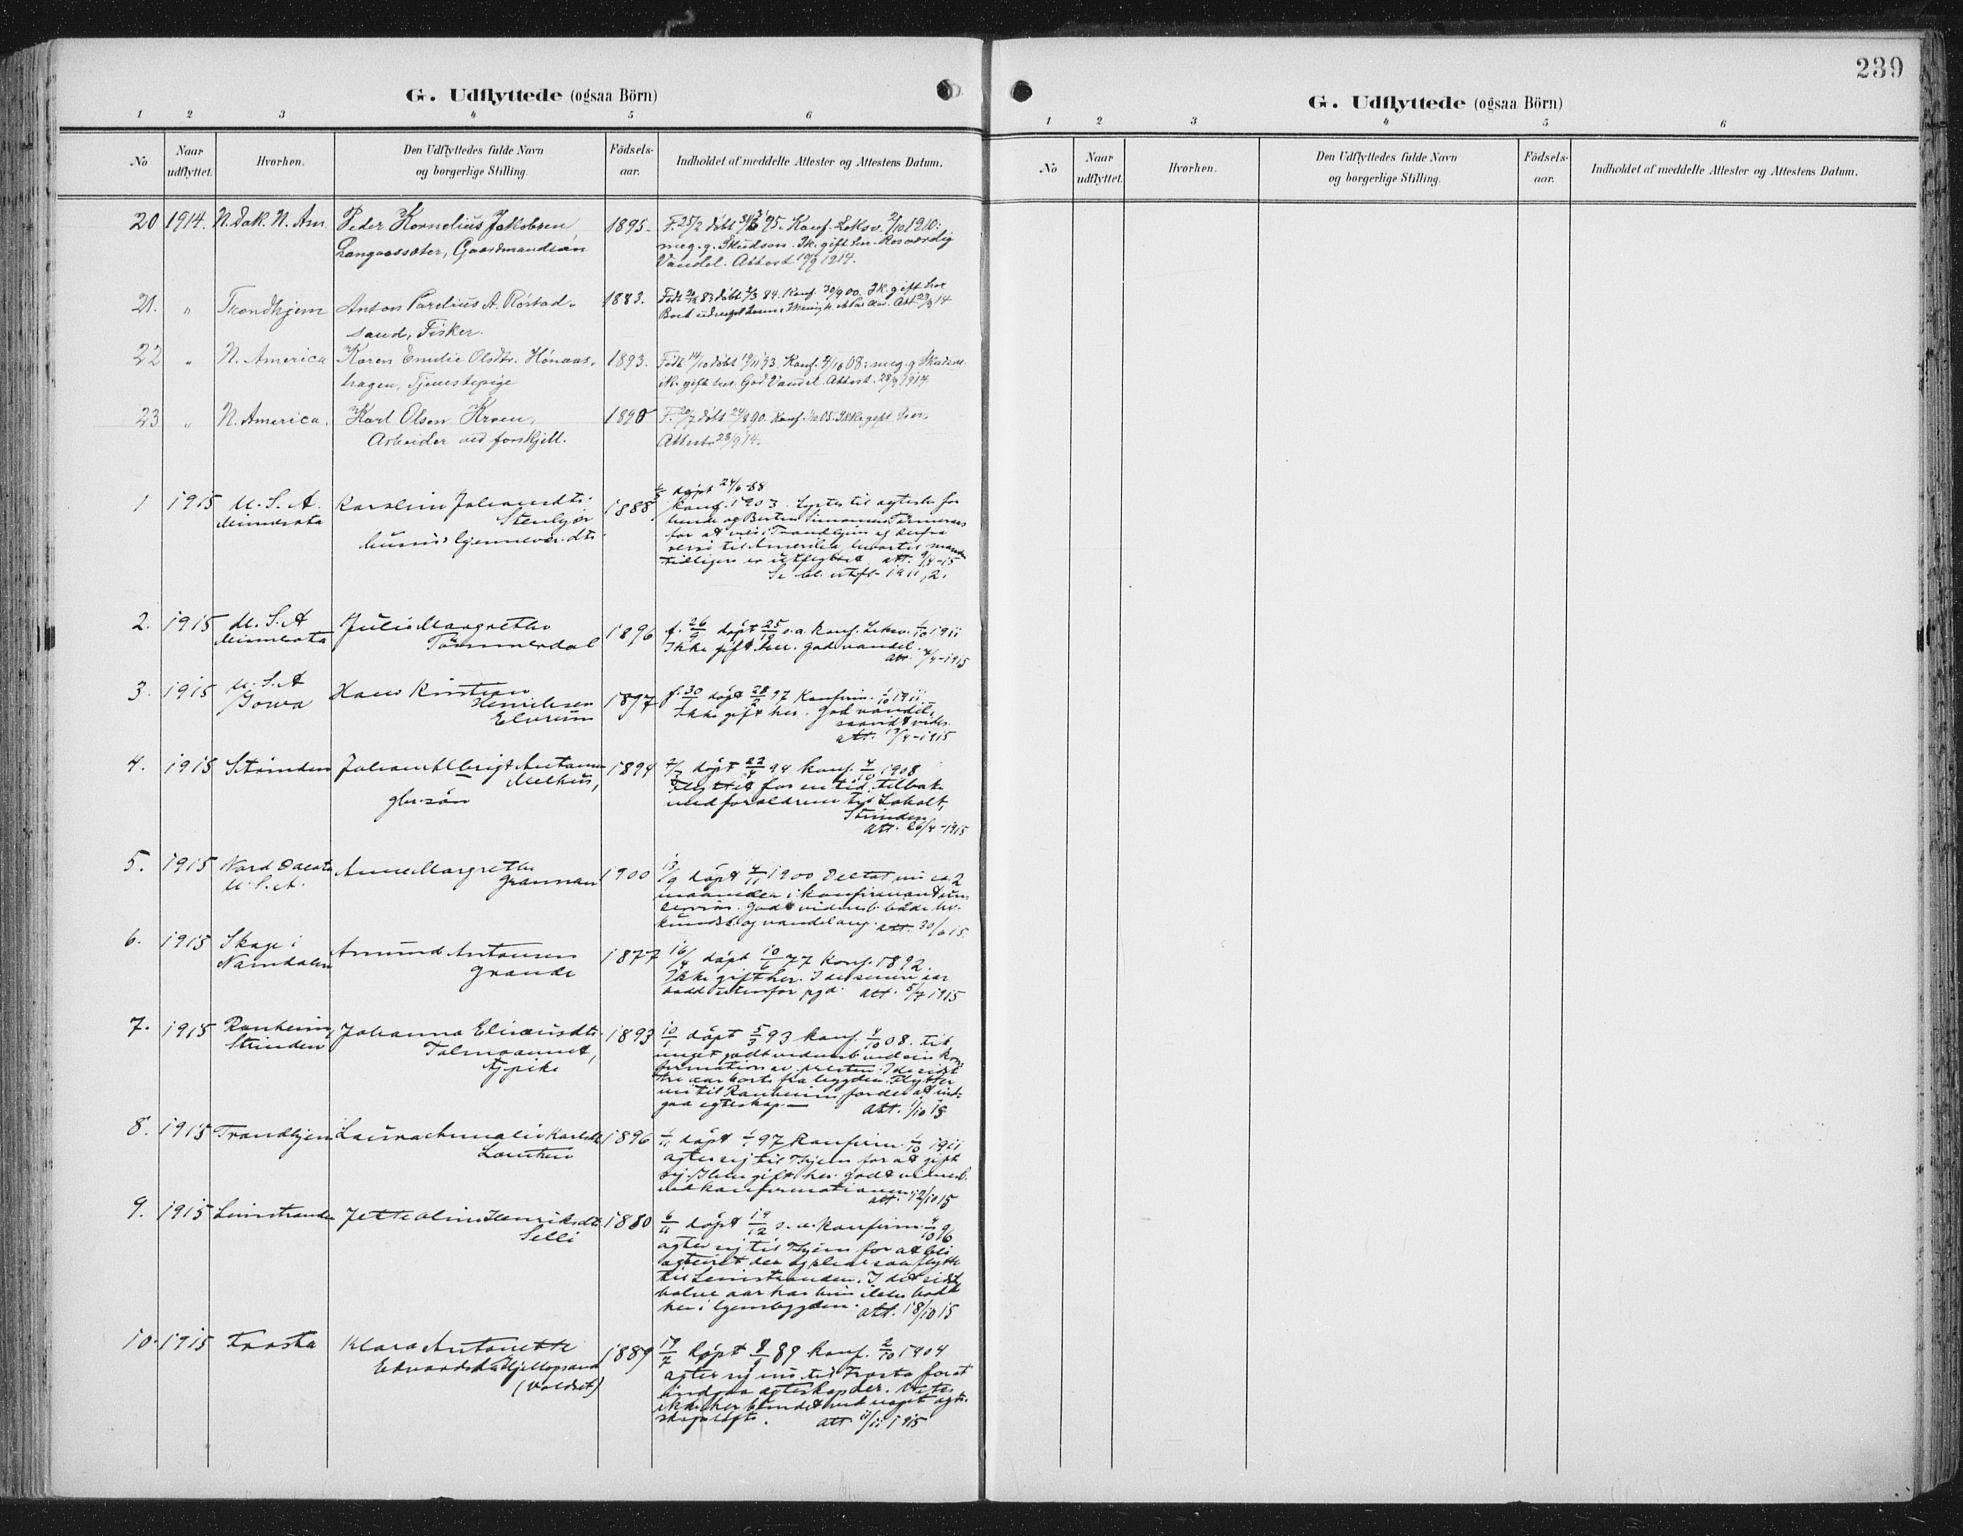 SAT, Ministerialprotokoller, klokkerbøker og fødselsregistre - Nord-Trøndelag, 701/L0011: Ministerialbok nr. 701A11, 1899-1915, s. 239